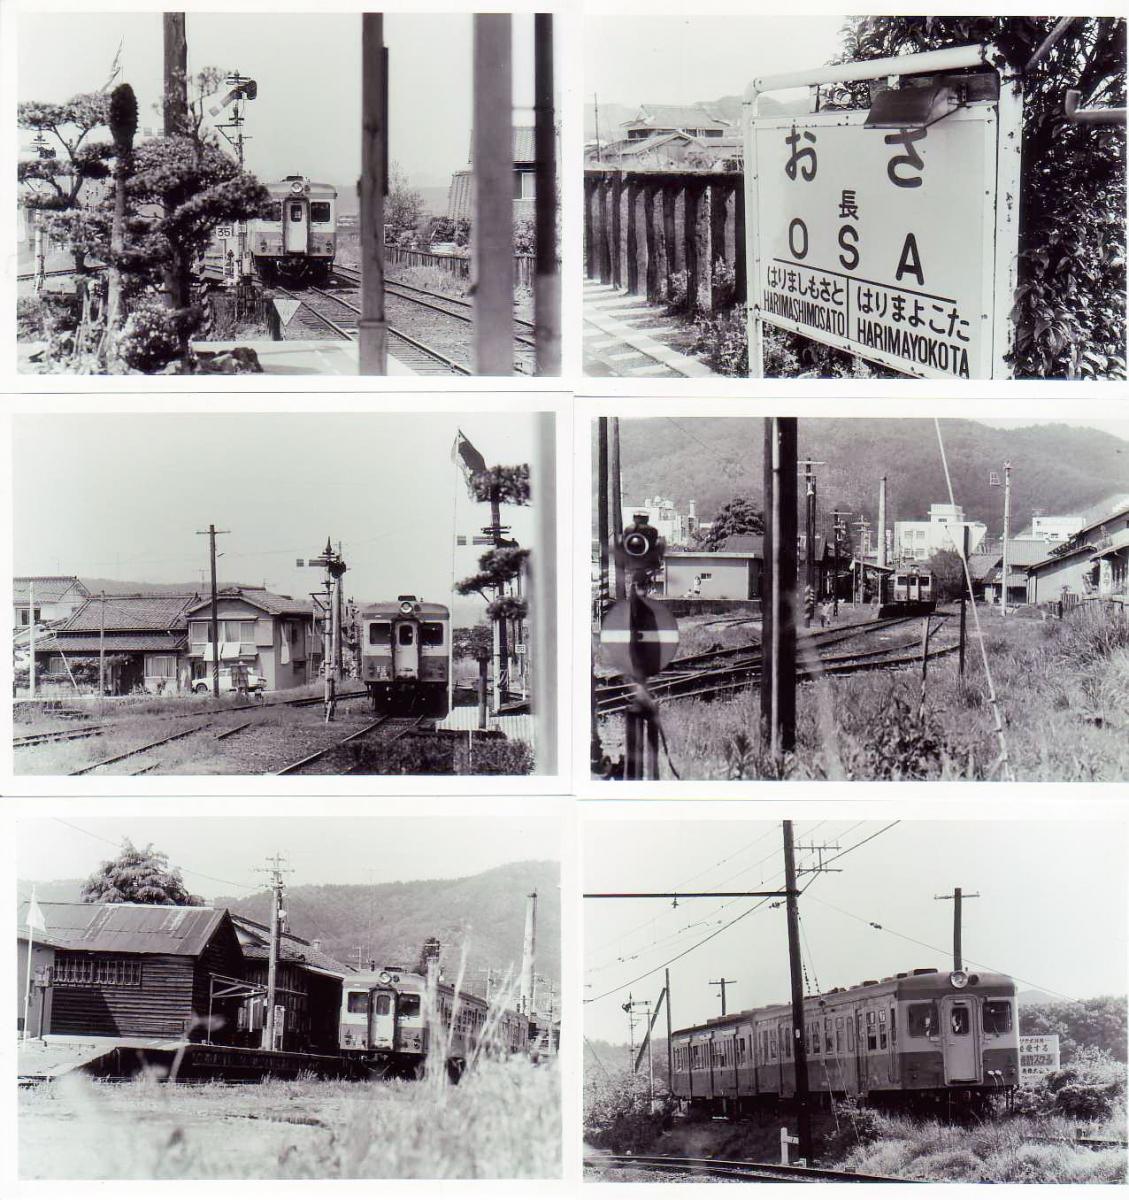 国鉄北条線時代の写真集